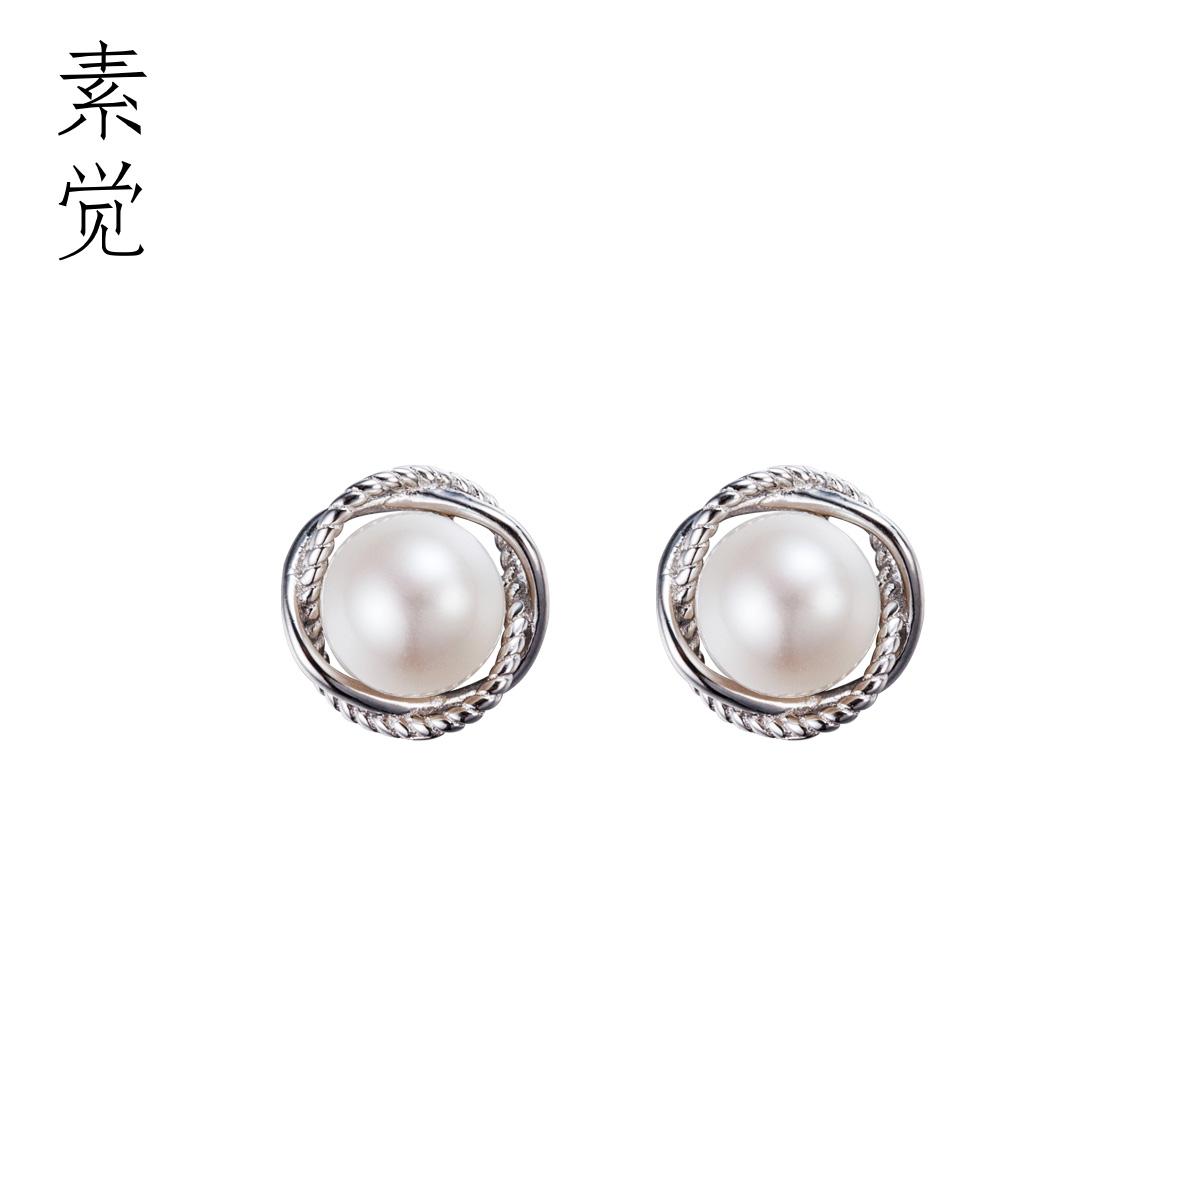 素觉原创手工925银淡水珍珠耳钉正圆强光女气质百搭韩国耳环耳饰